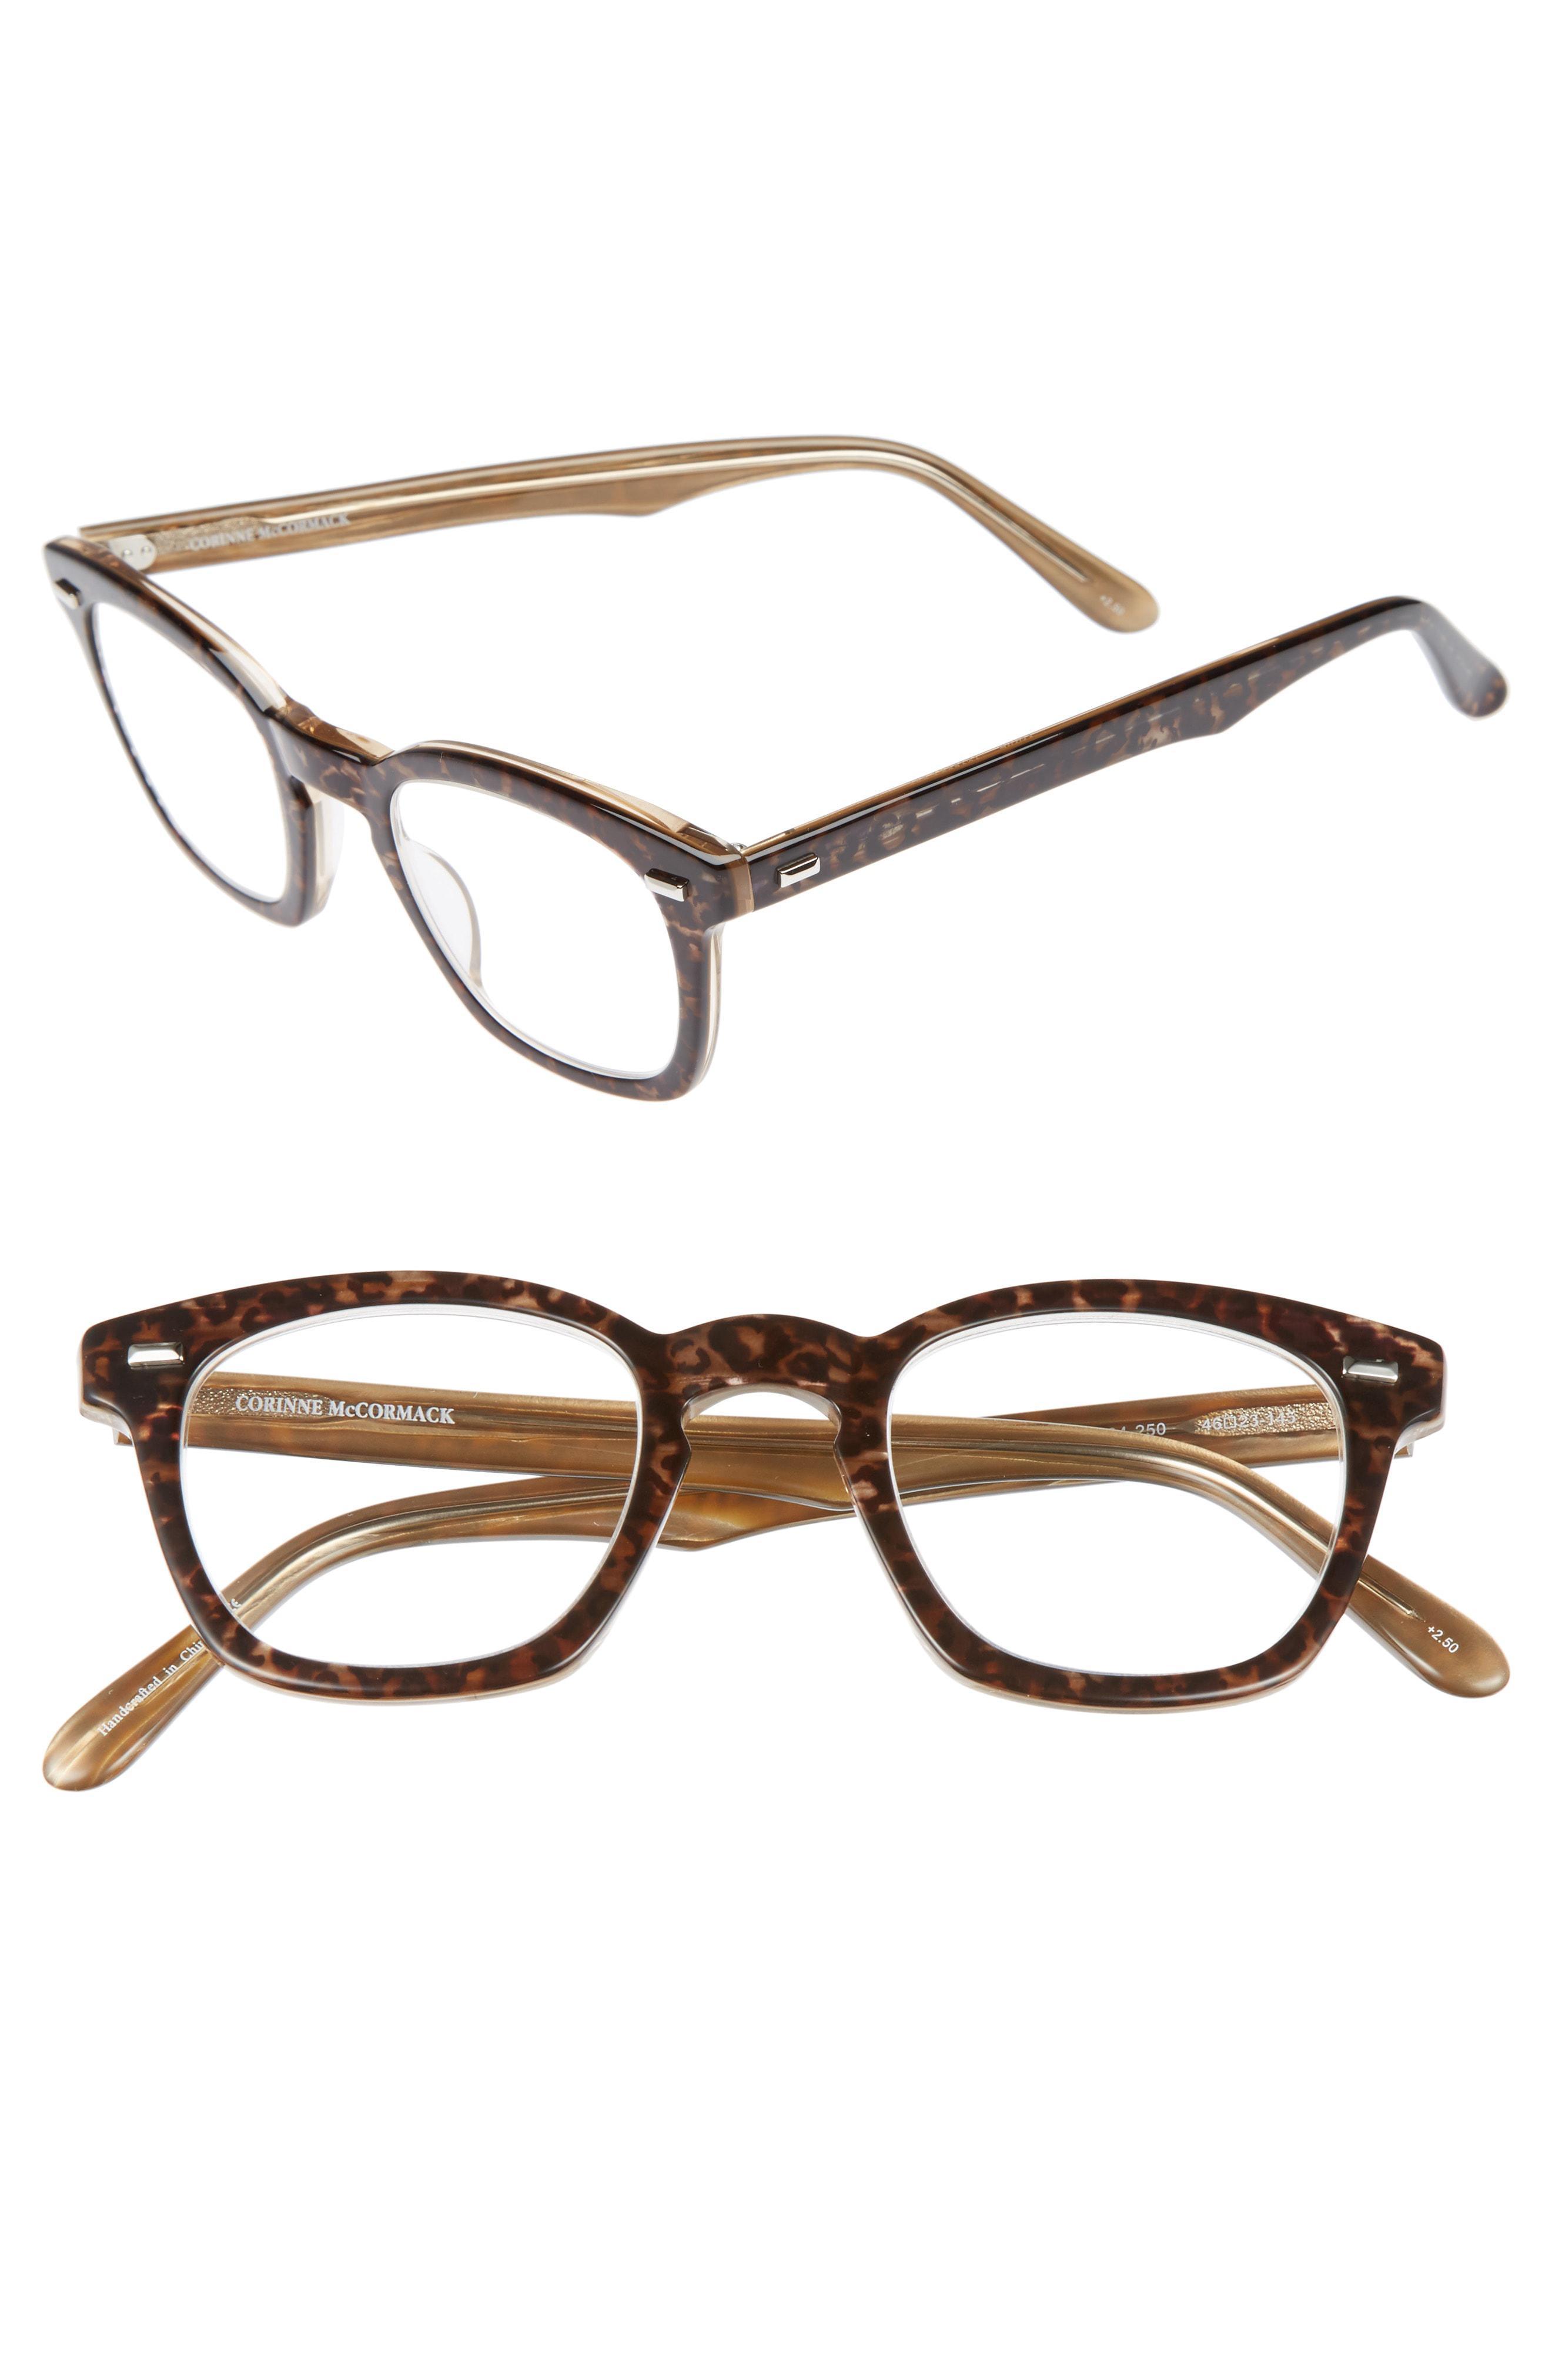 e36d36687e9 Corinne Mccormack - Multicolor  annie  46mm Reading Glasses - - Lyst. View  fullscreen